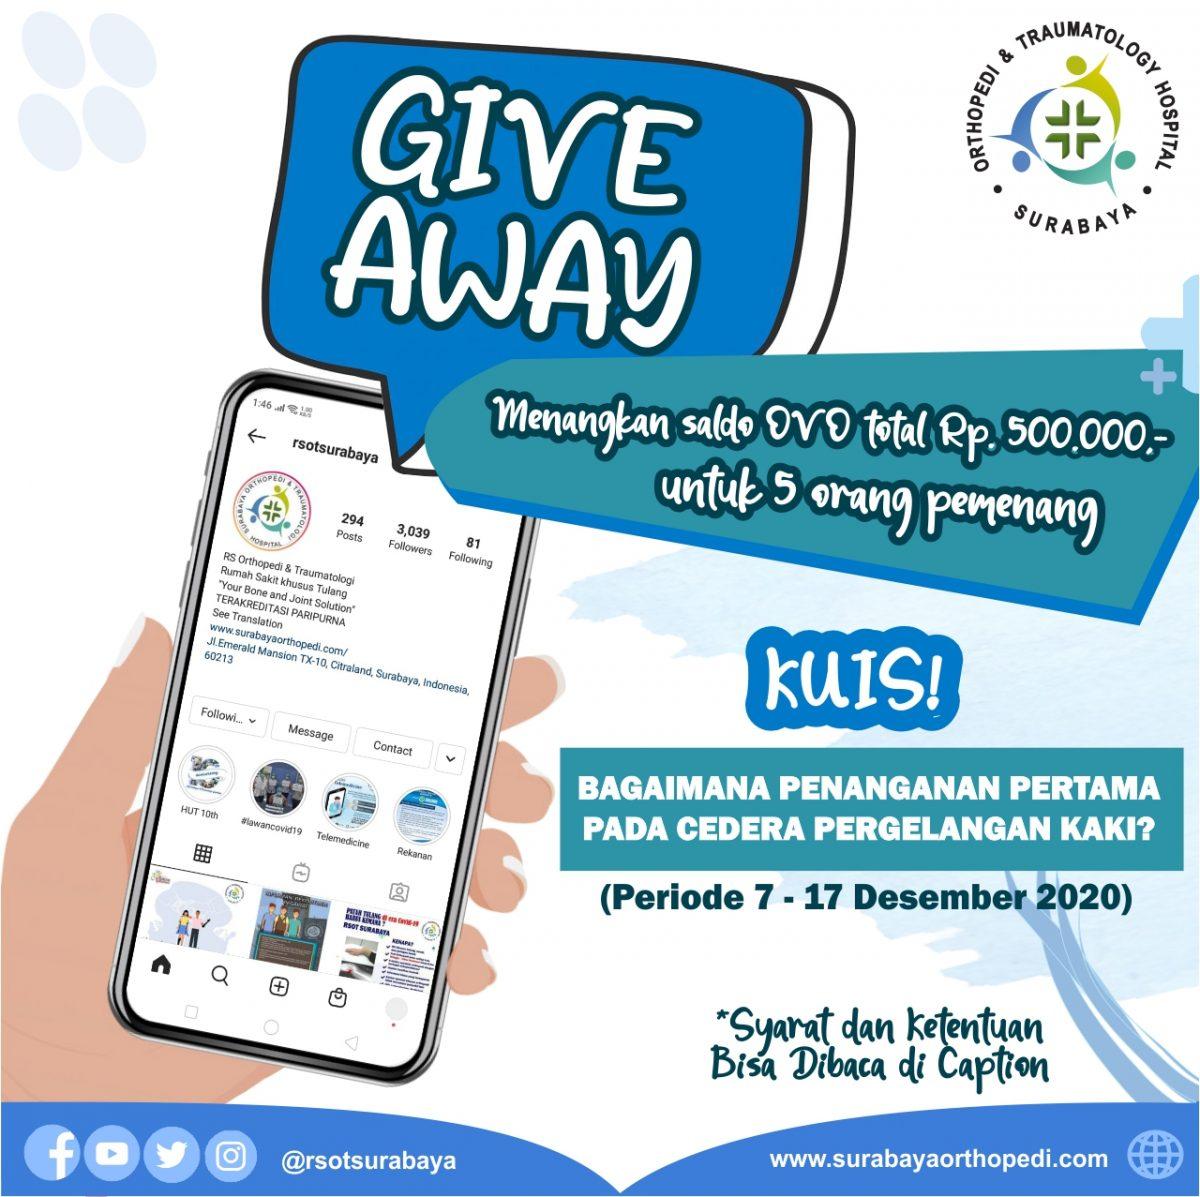 Give-away-1200x1197.jpg